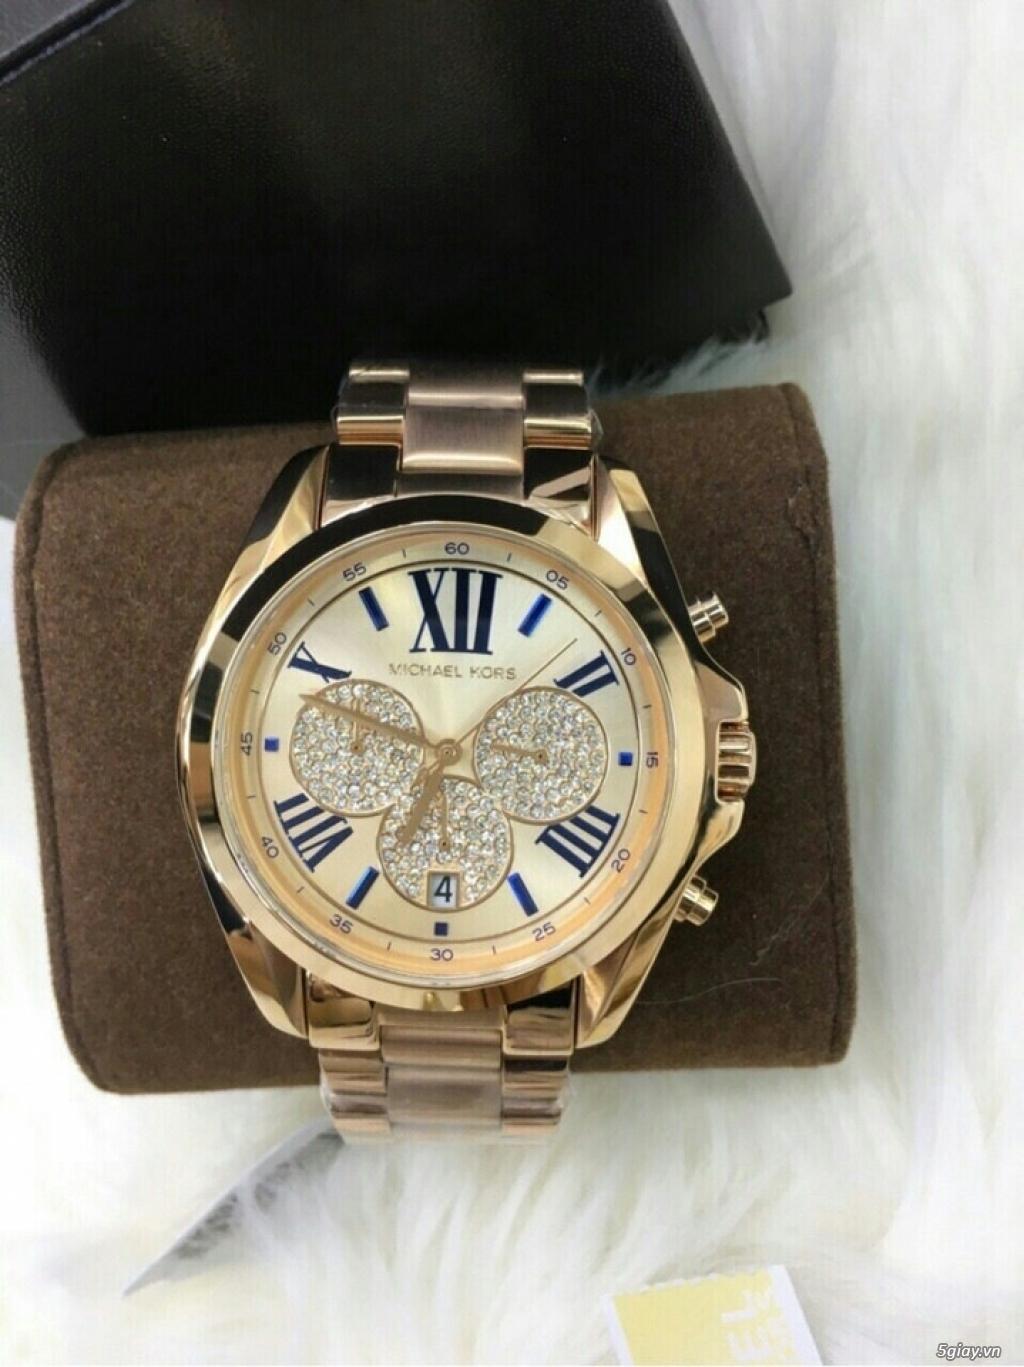 Đồng hồ chính hãng Michael Kors giá rẻ - 29